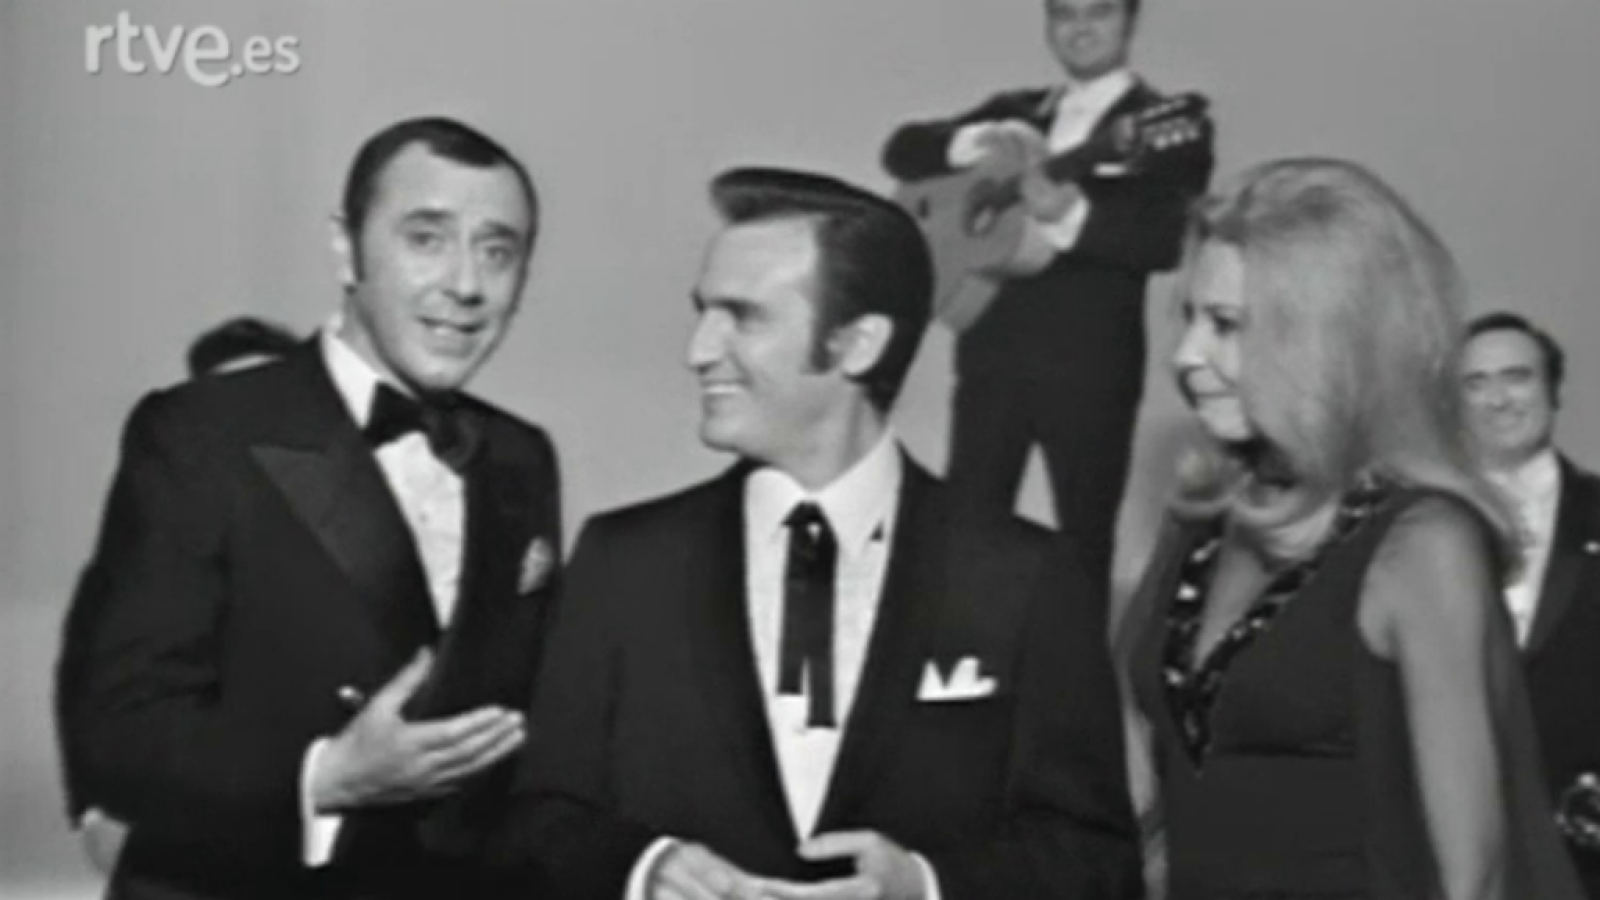 Galas del sábado - 25/04/1970